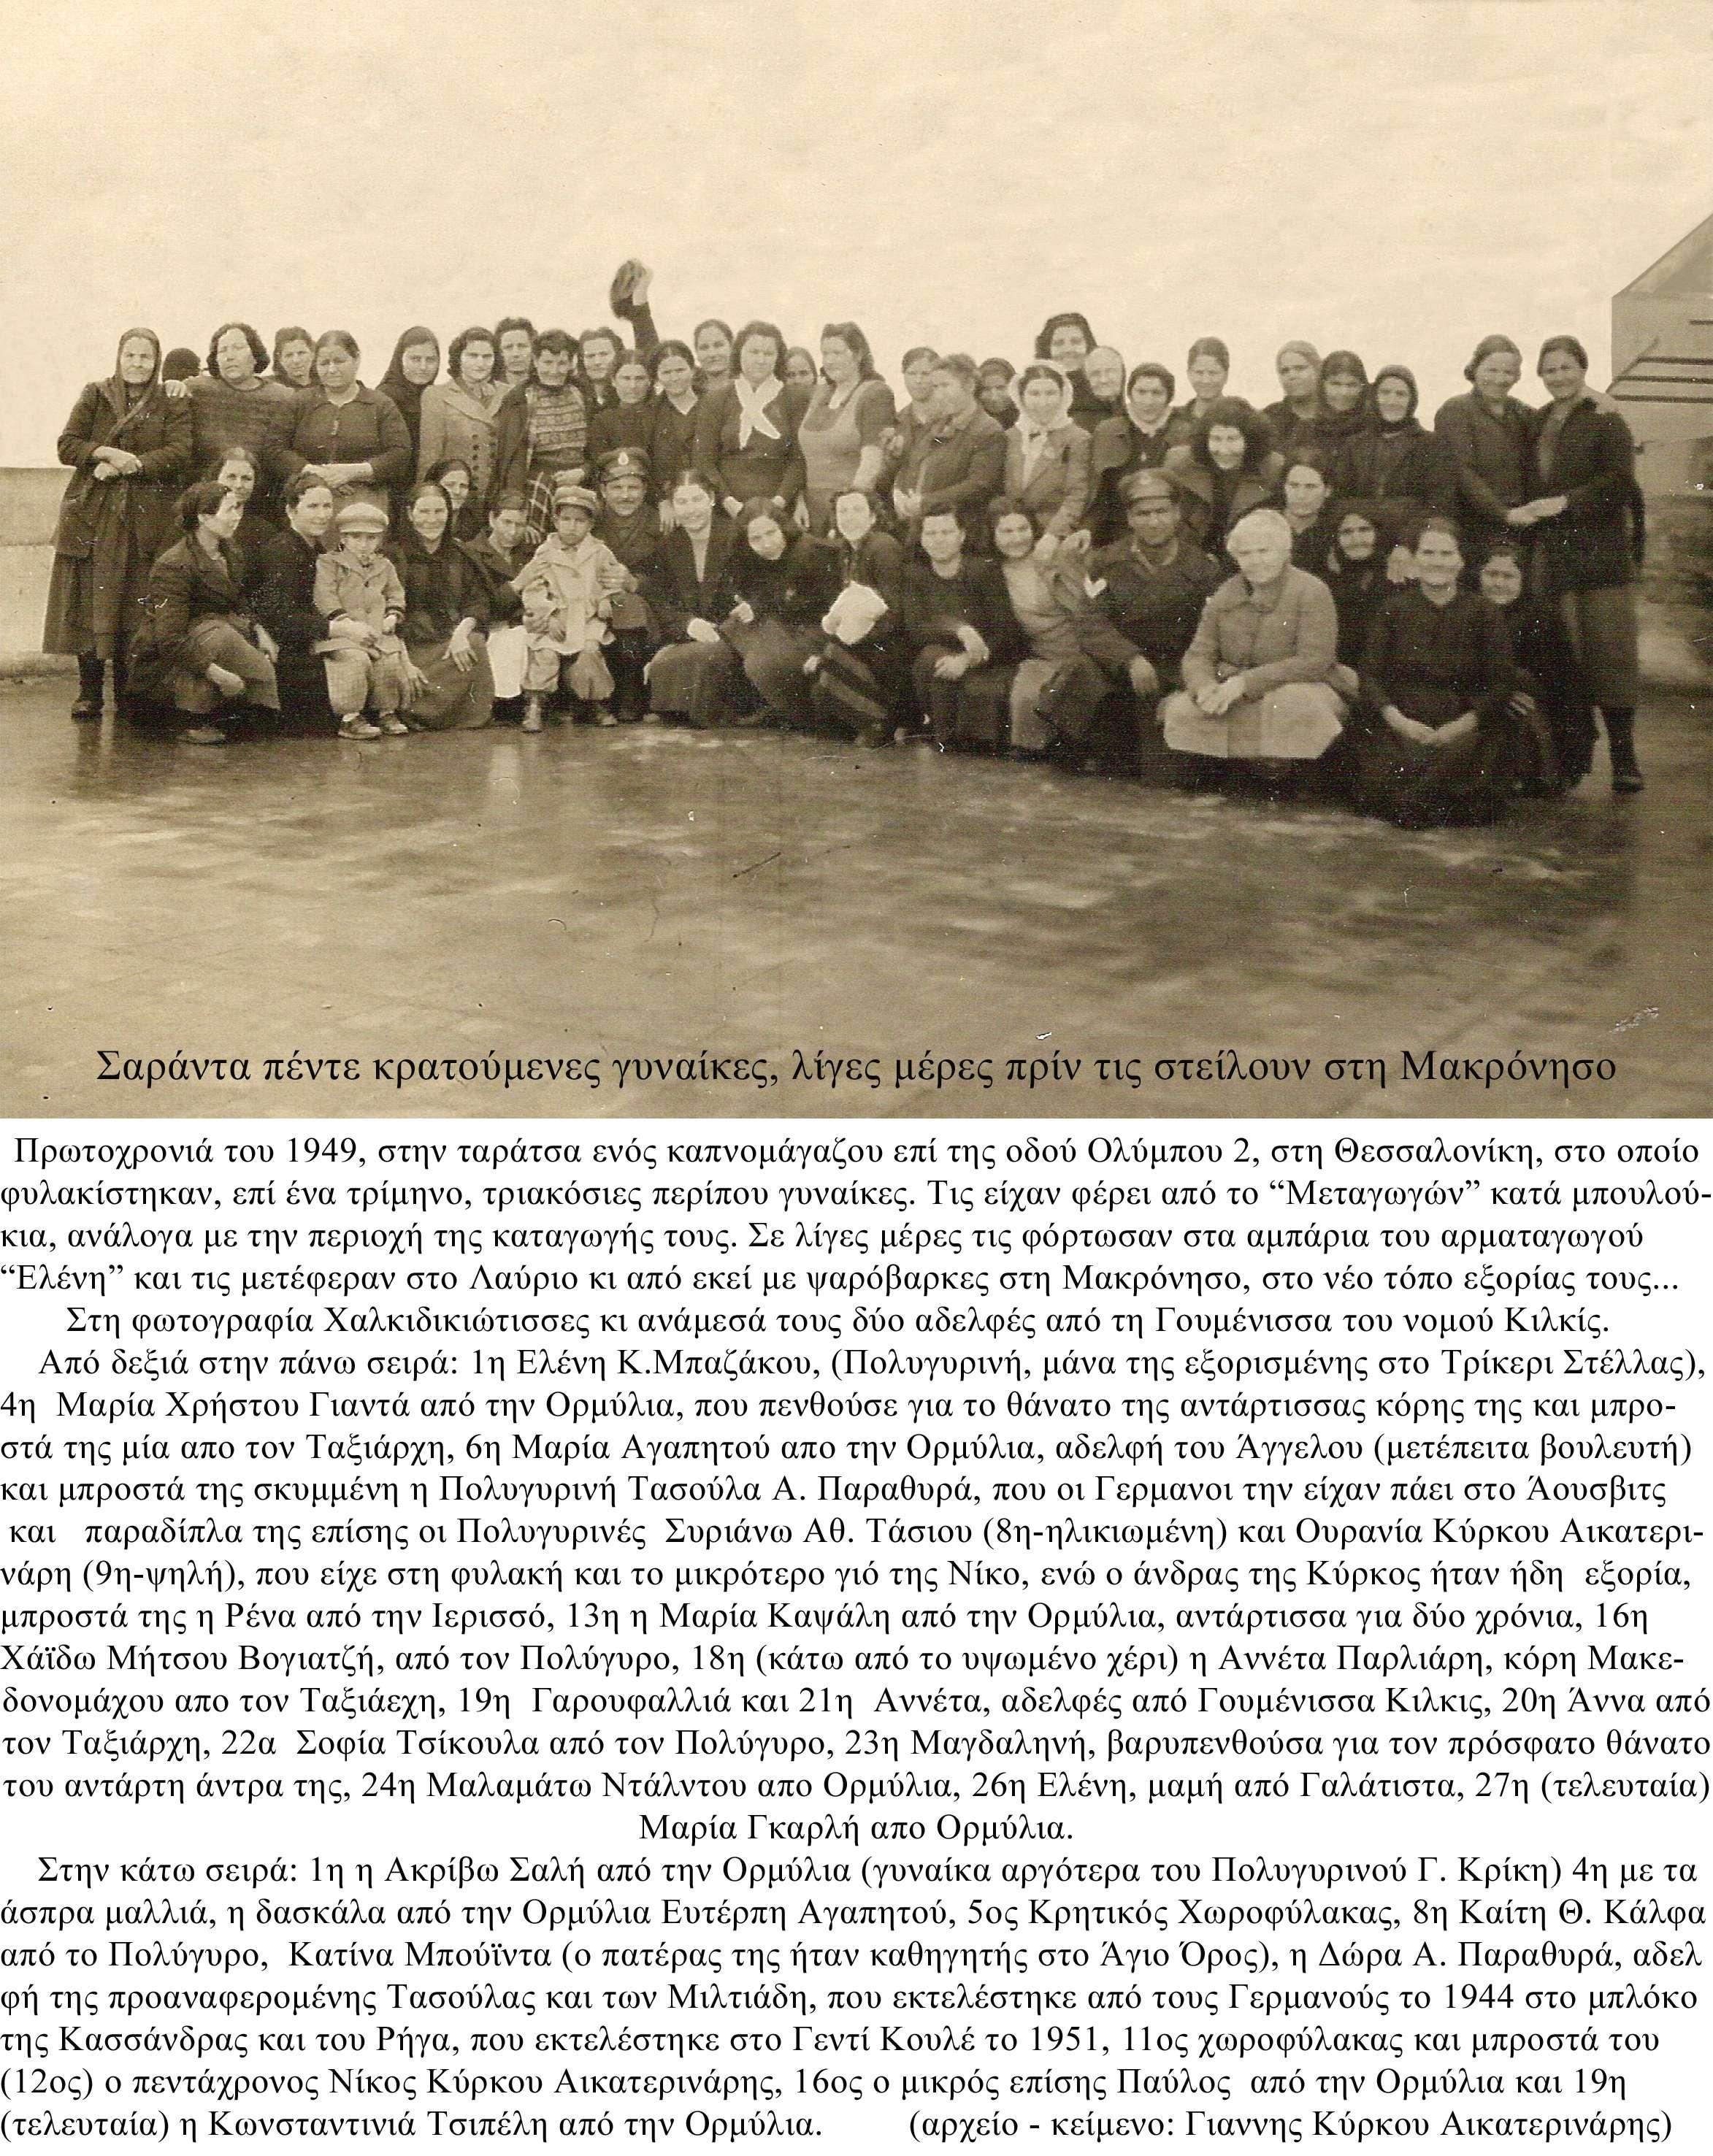 Γυναίκες στη Μακρόνησο.